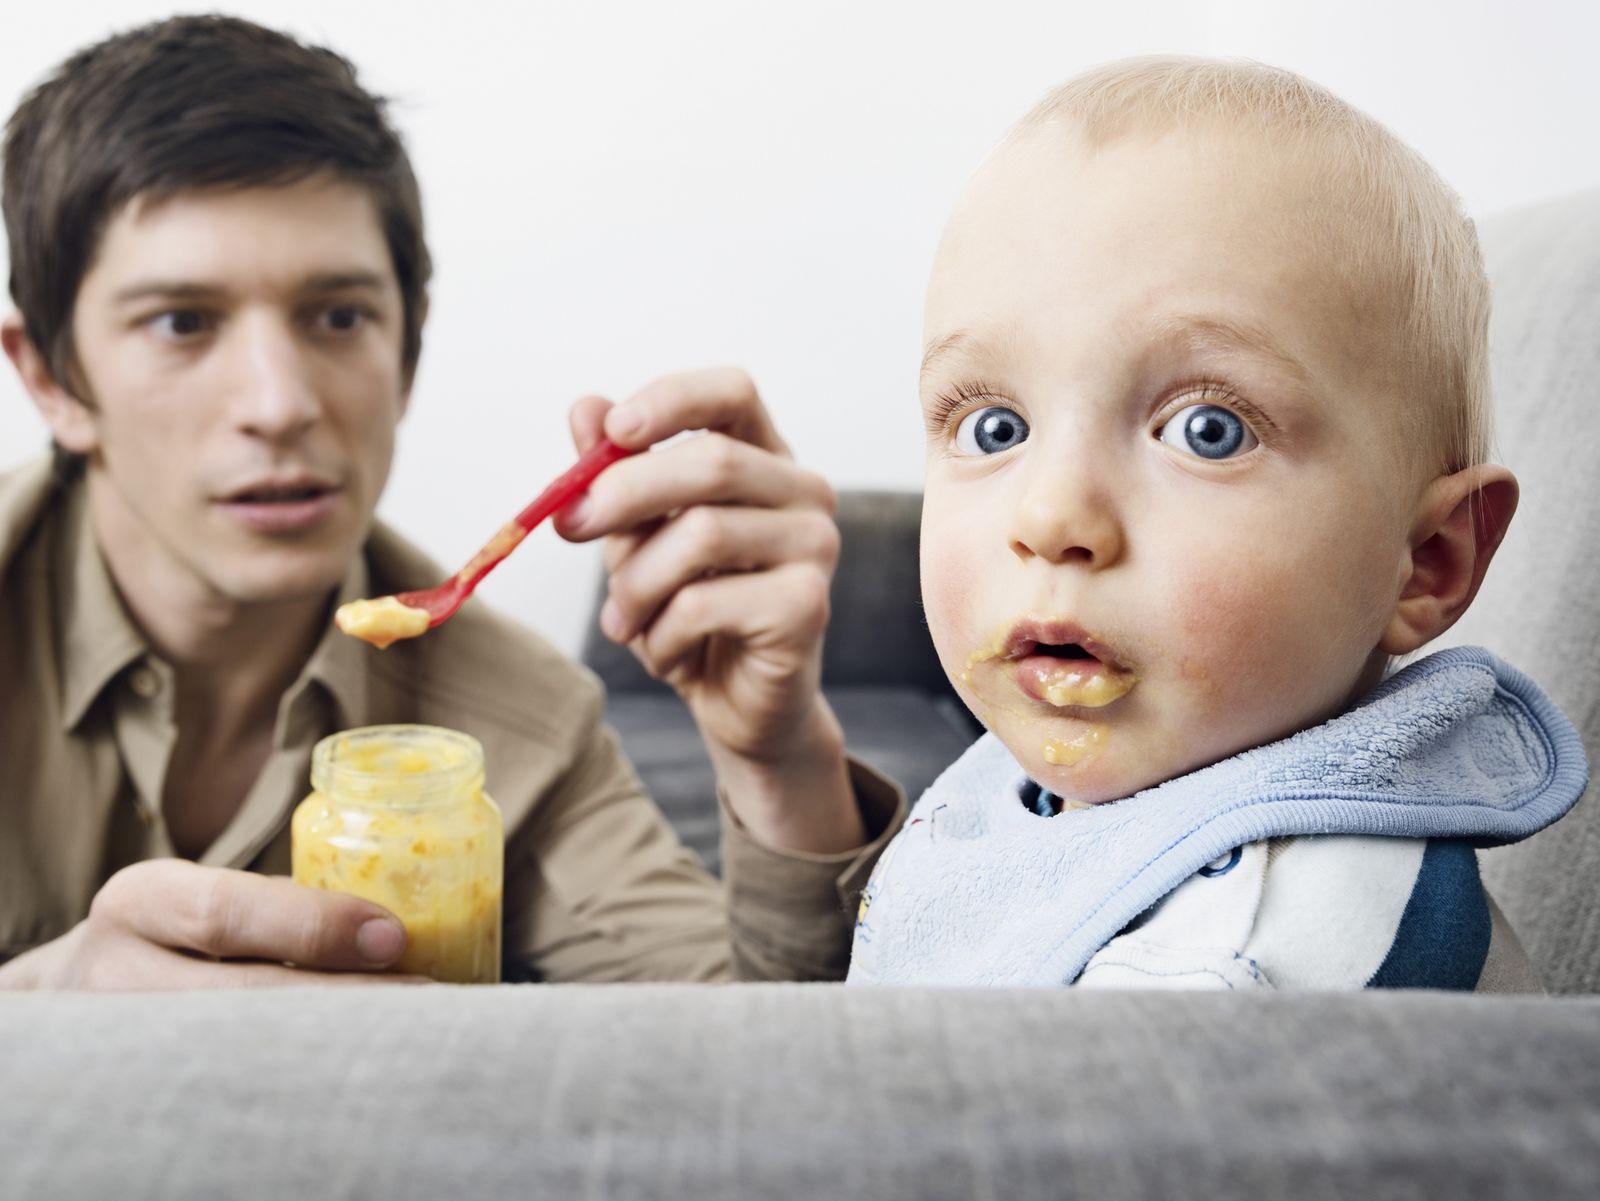 NICHT MEHR VERWENDEN! - Symbolbild / Vater / Baby / Essen / Elternzeit